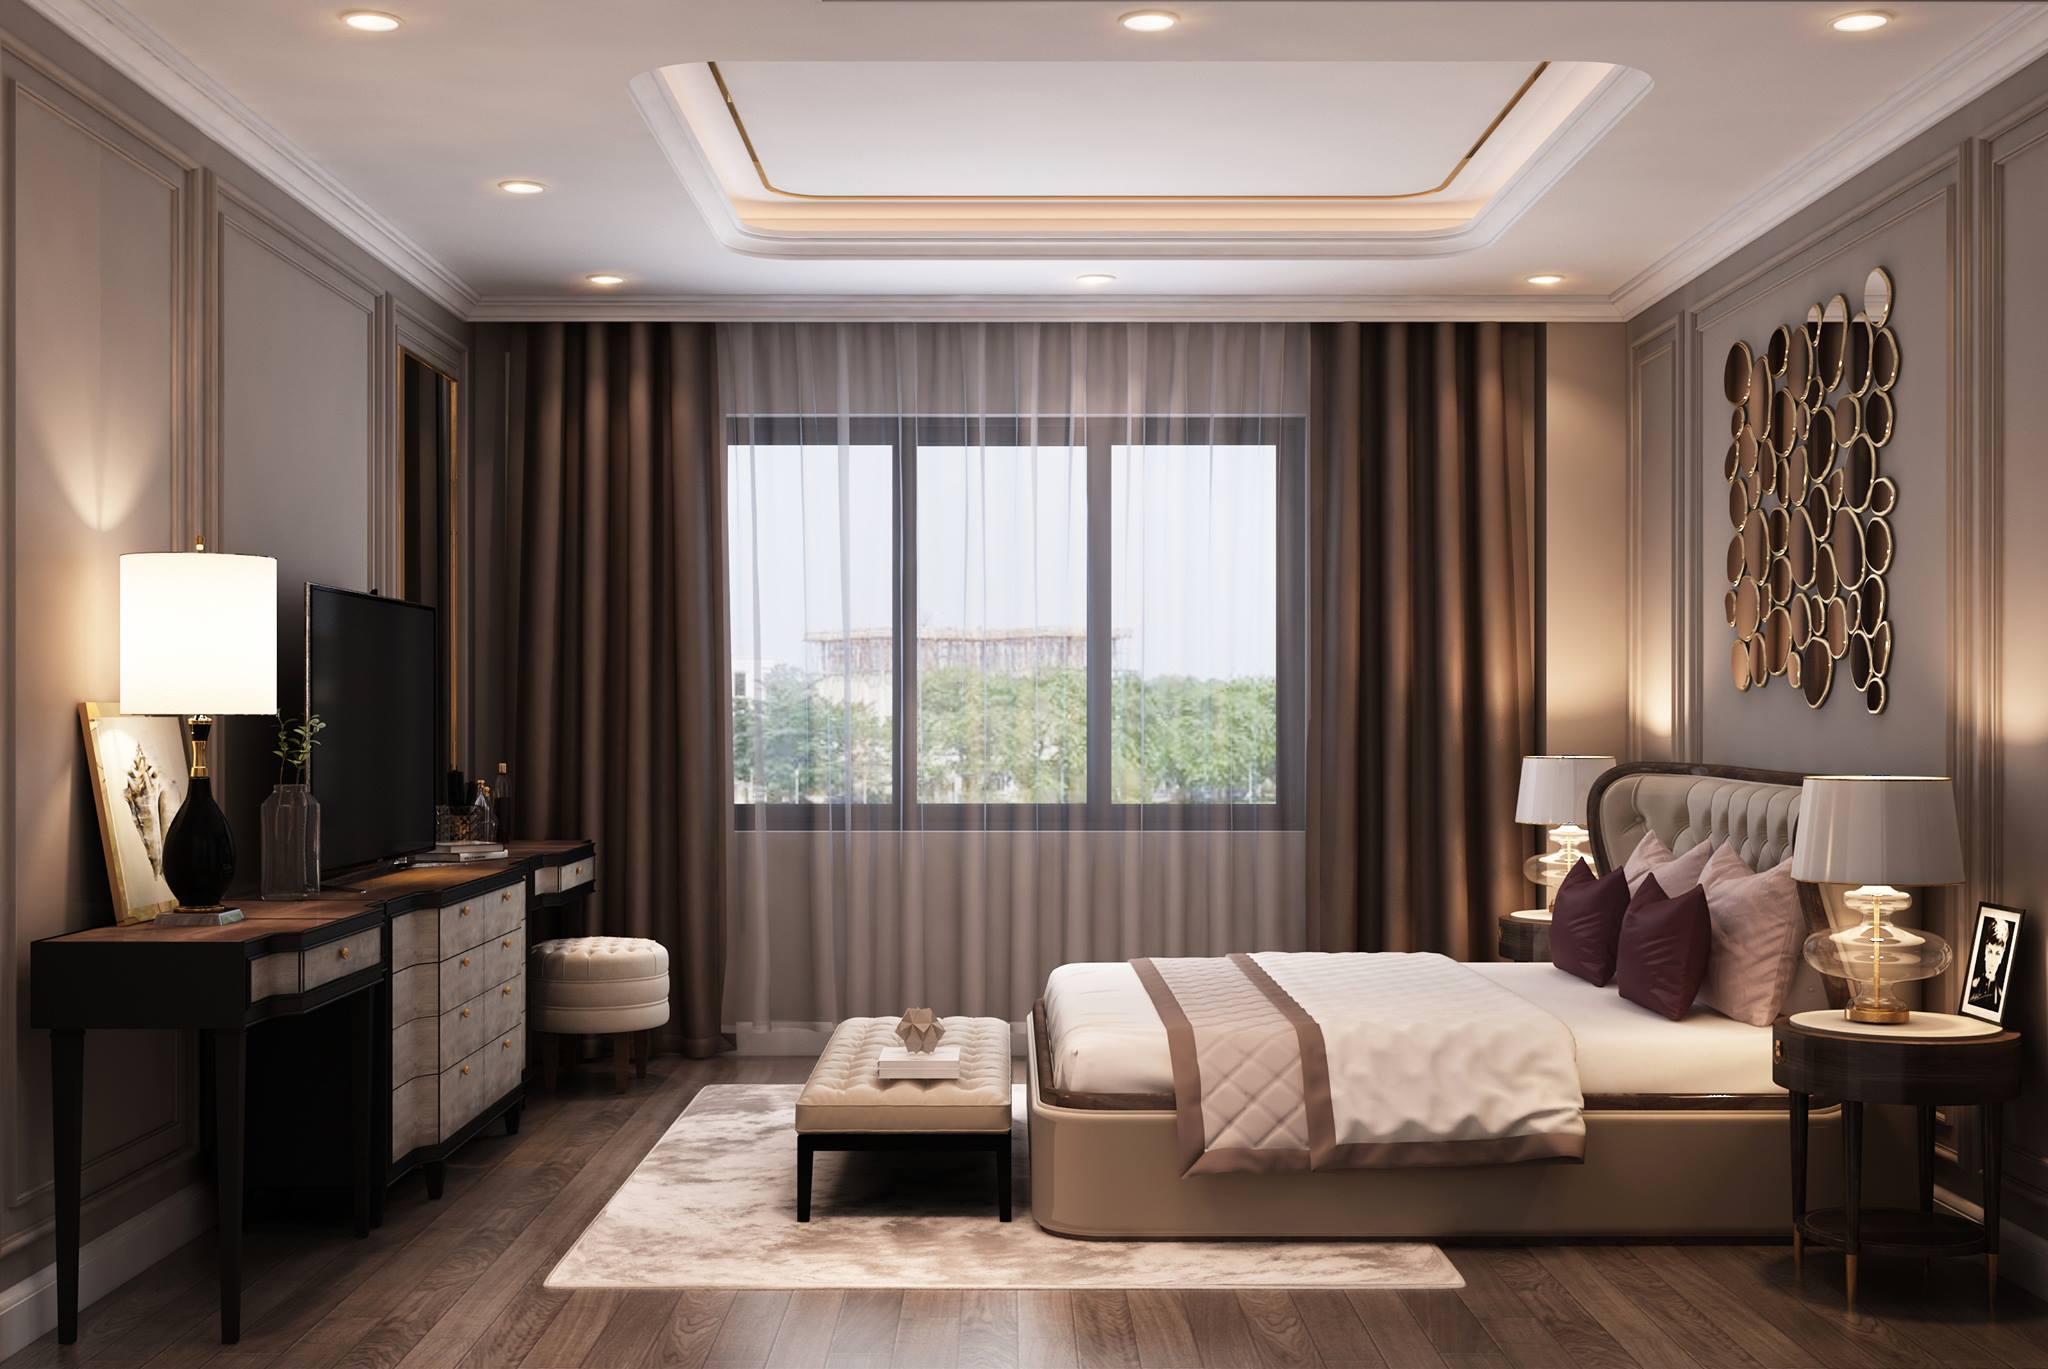 thiết kế phòng ngủ đơn giản 13